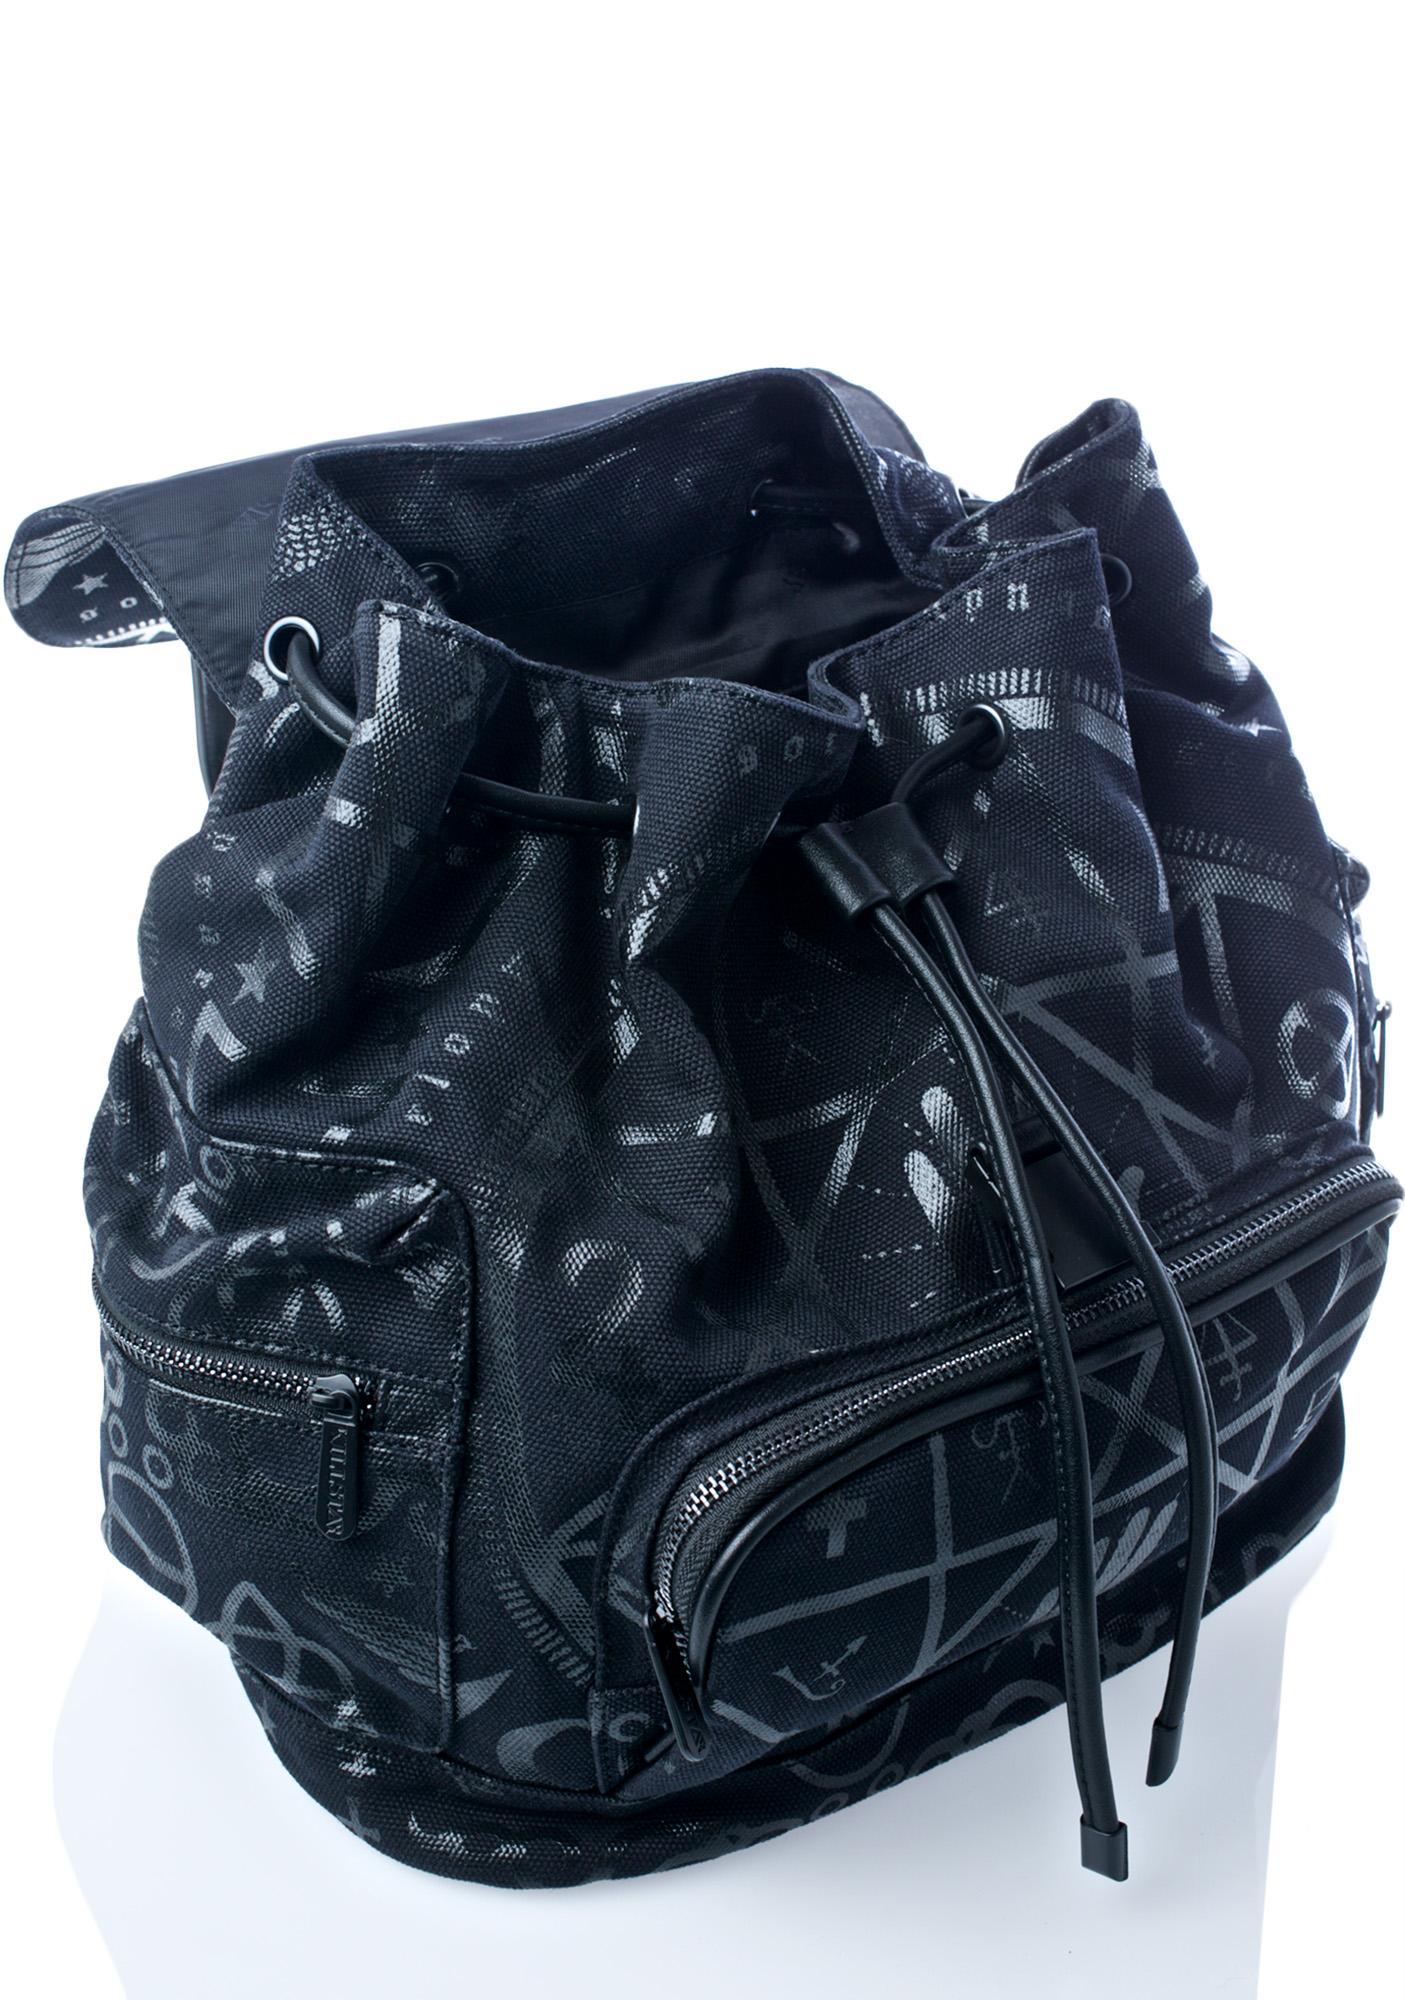 Killstar Cult Backpack